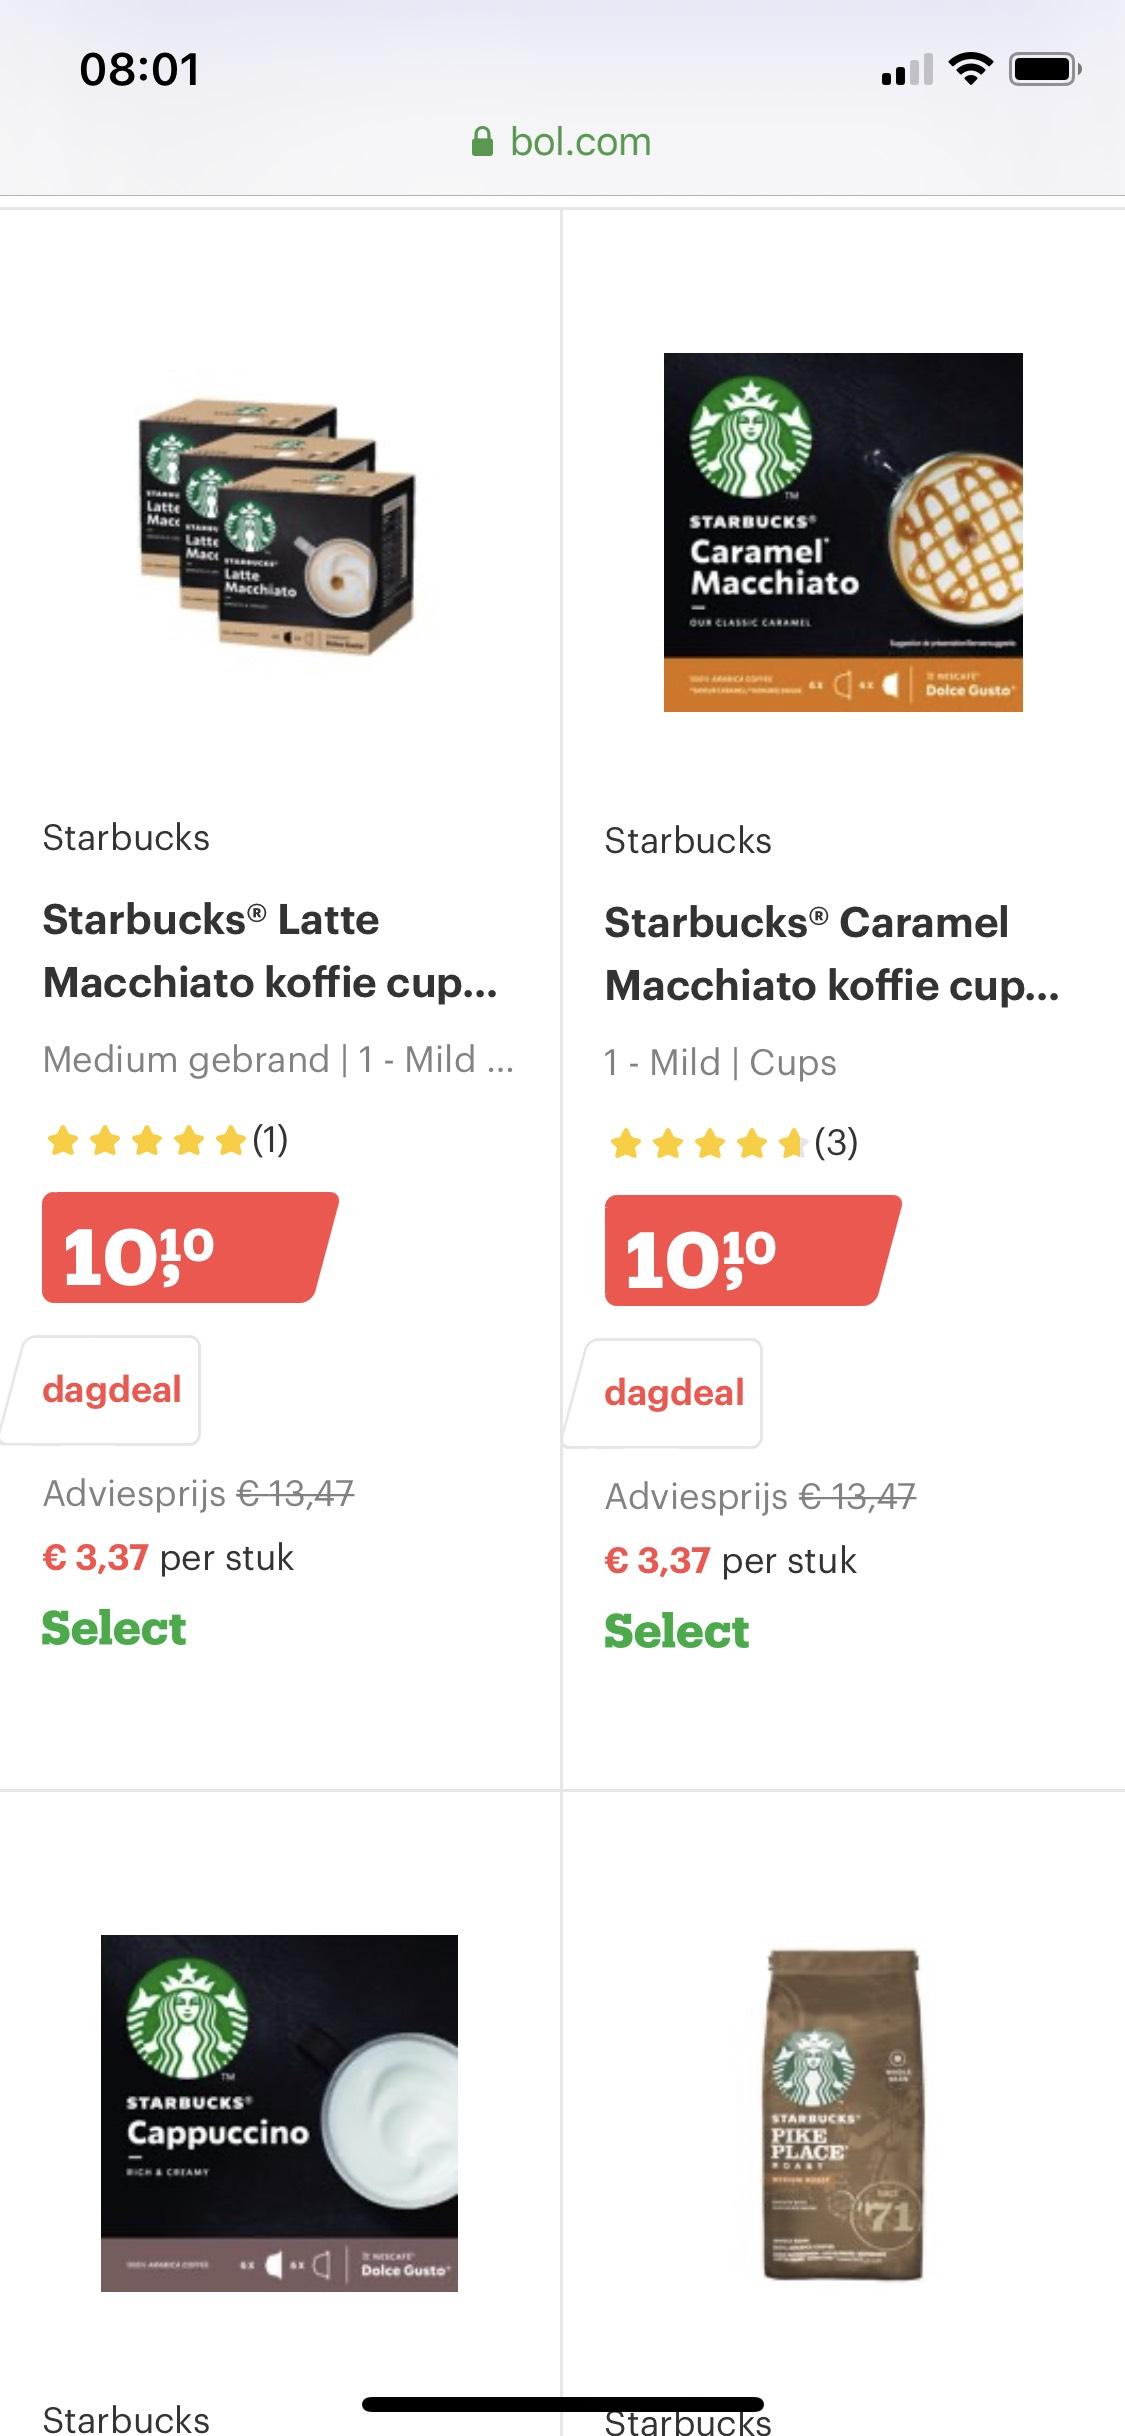 Bol.com dagdeal 25% korting op koffie